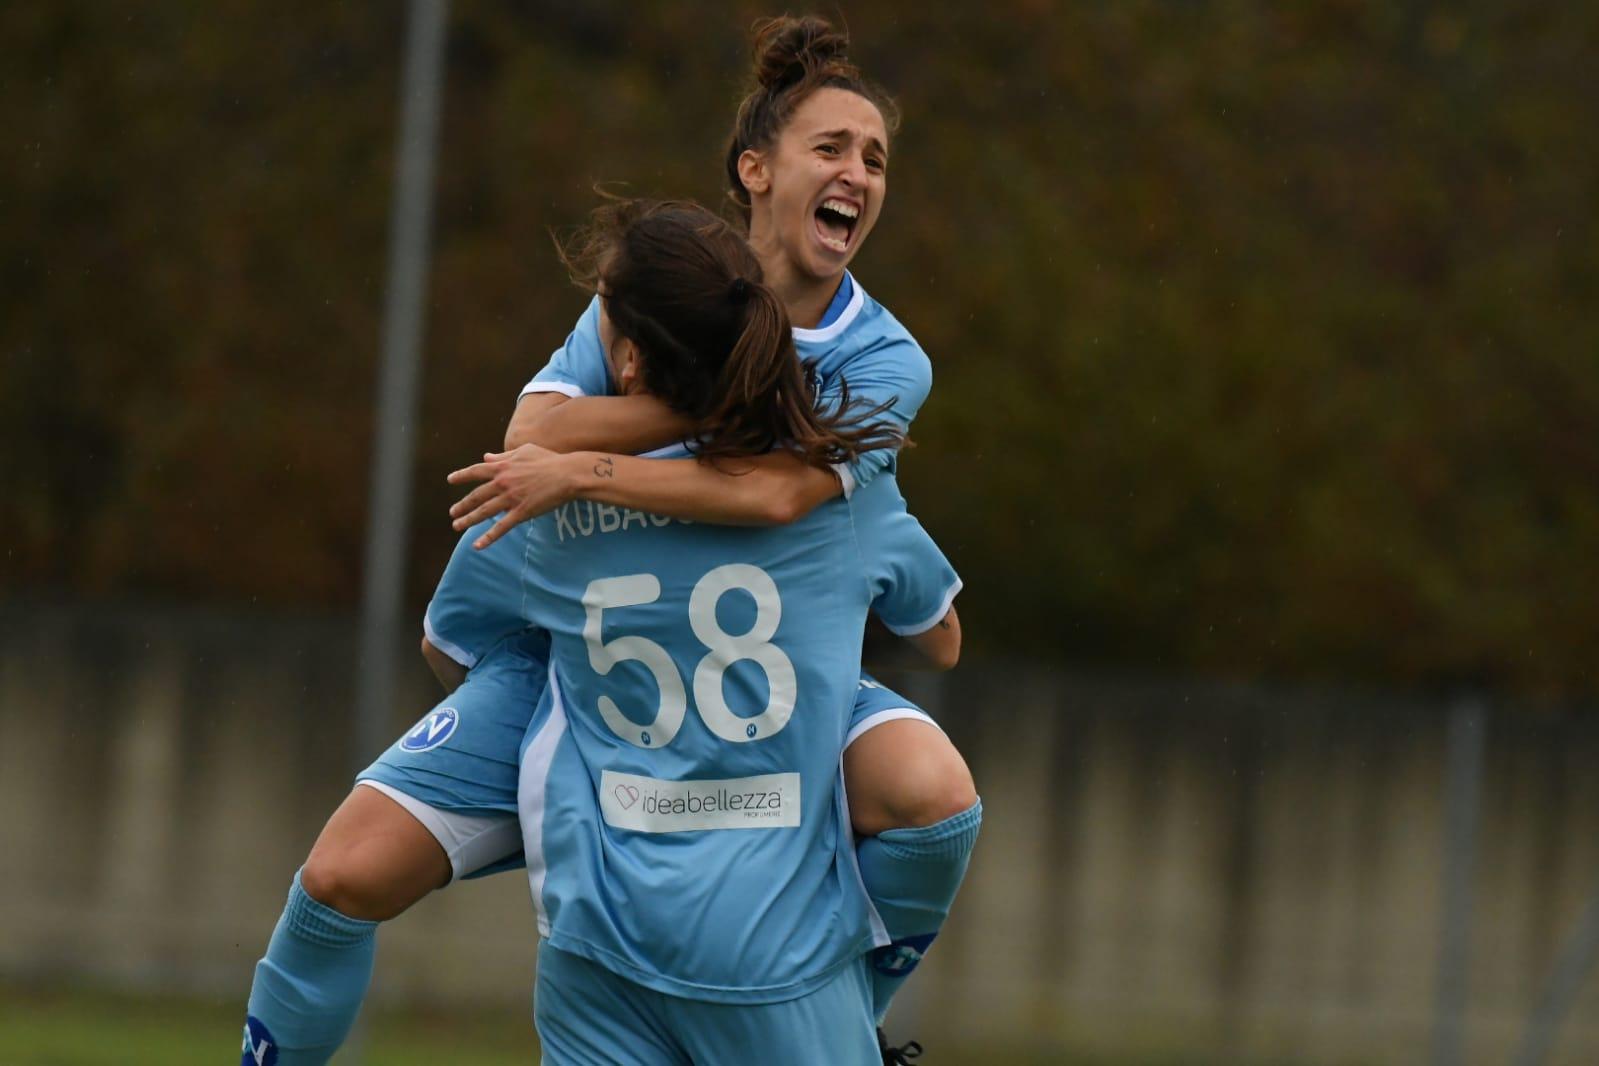 Calcio, il Napoli Femminile batte anche il Perugia